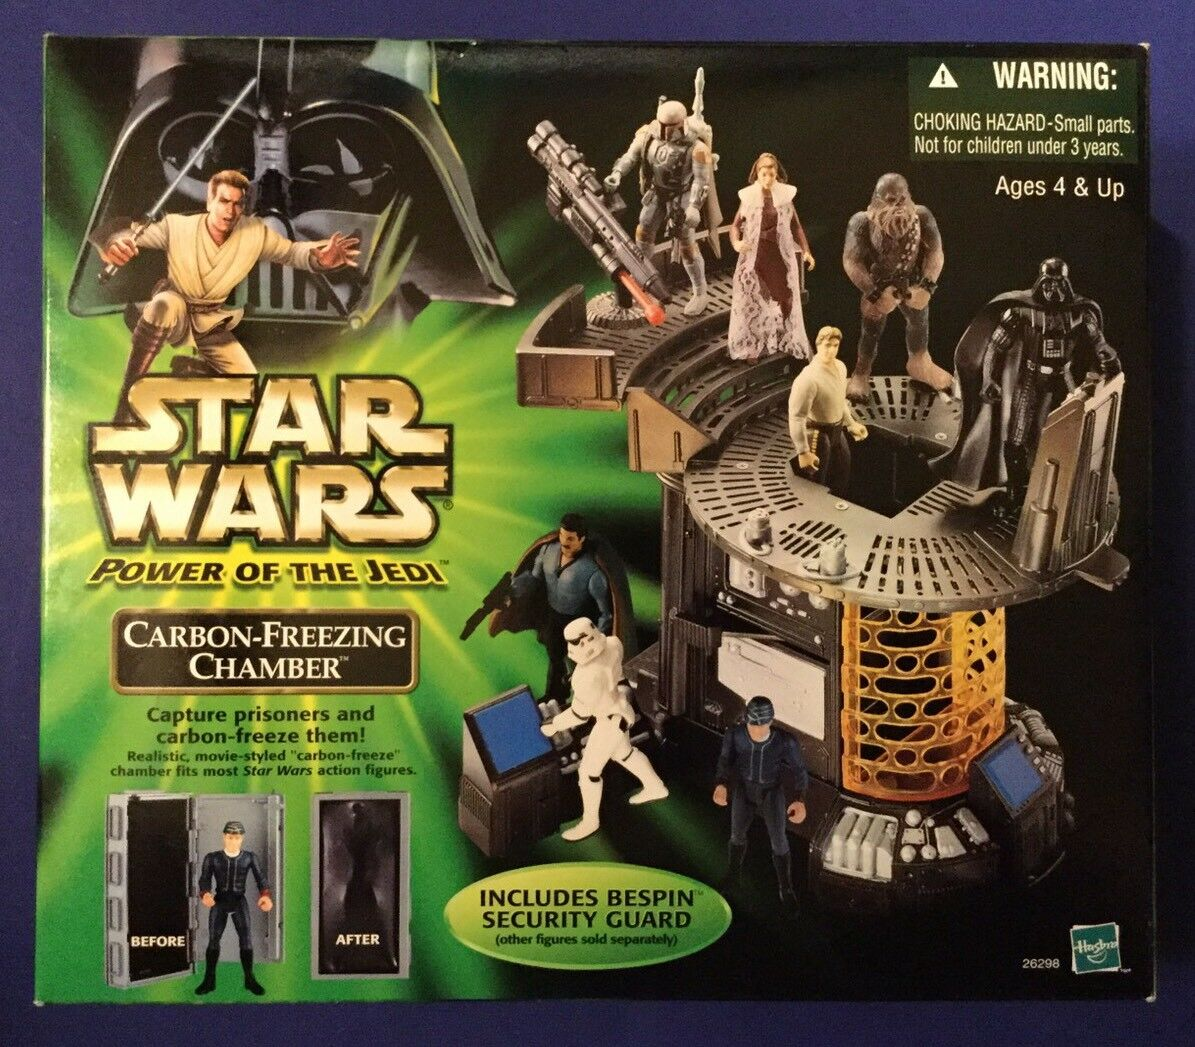 Hasbro  star - wars - macht der jedi 2001 - saal 26298 einfrieren